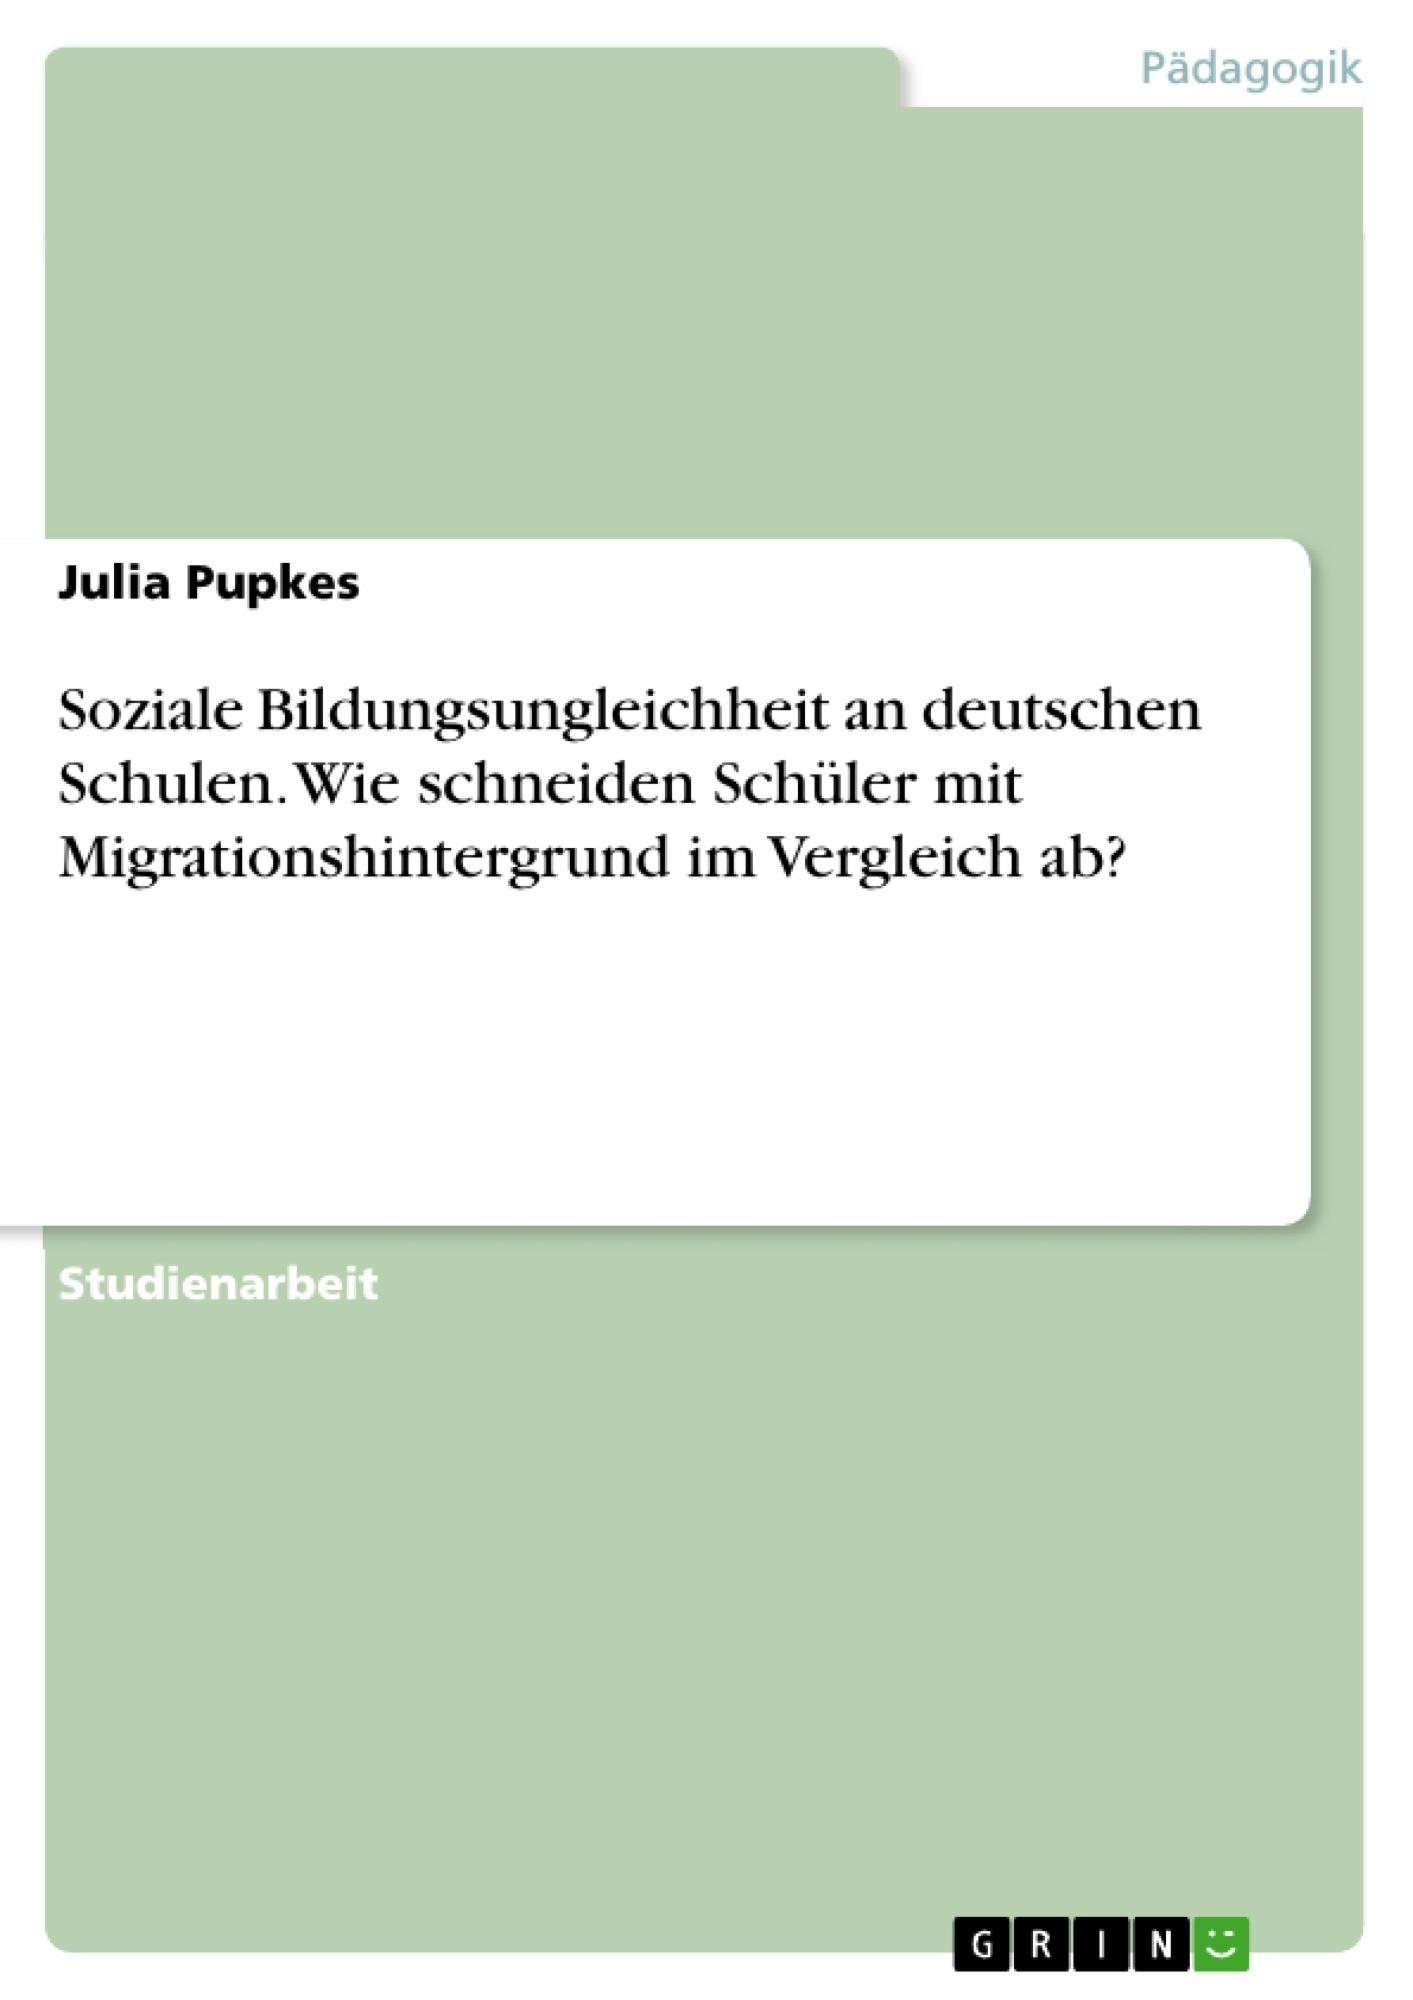 Titel: Soziale Bildungsungleichheit an deutschen Schulen. Wie schneiden Schüler mit Migrationshintergrund im Vergleich ab?